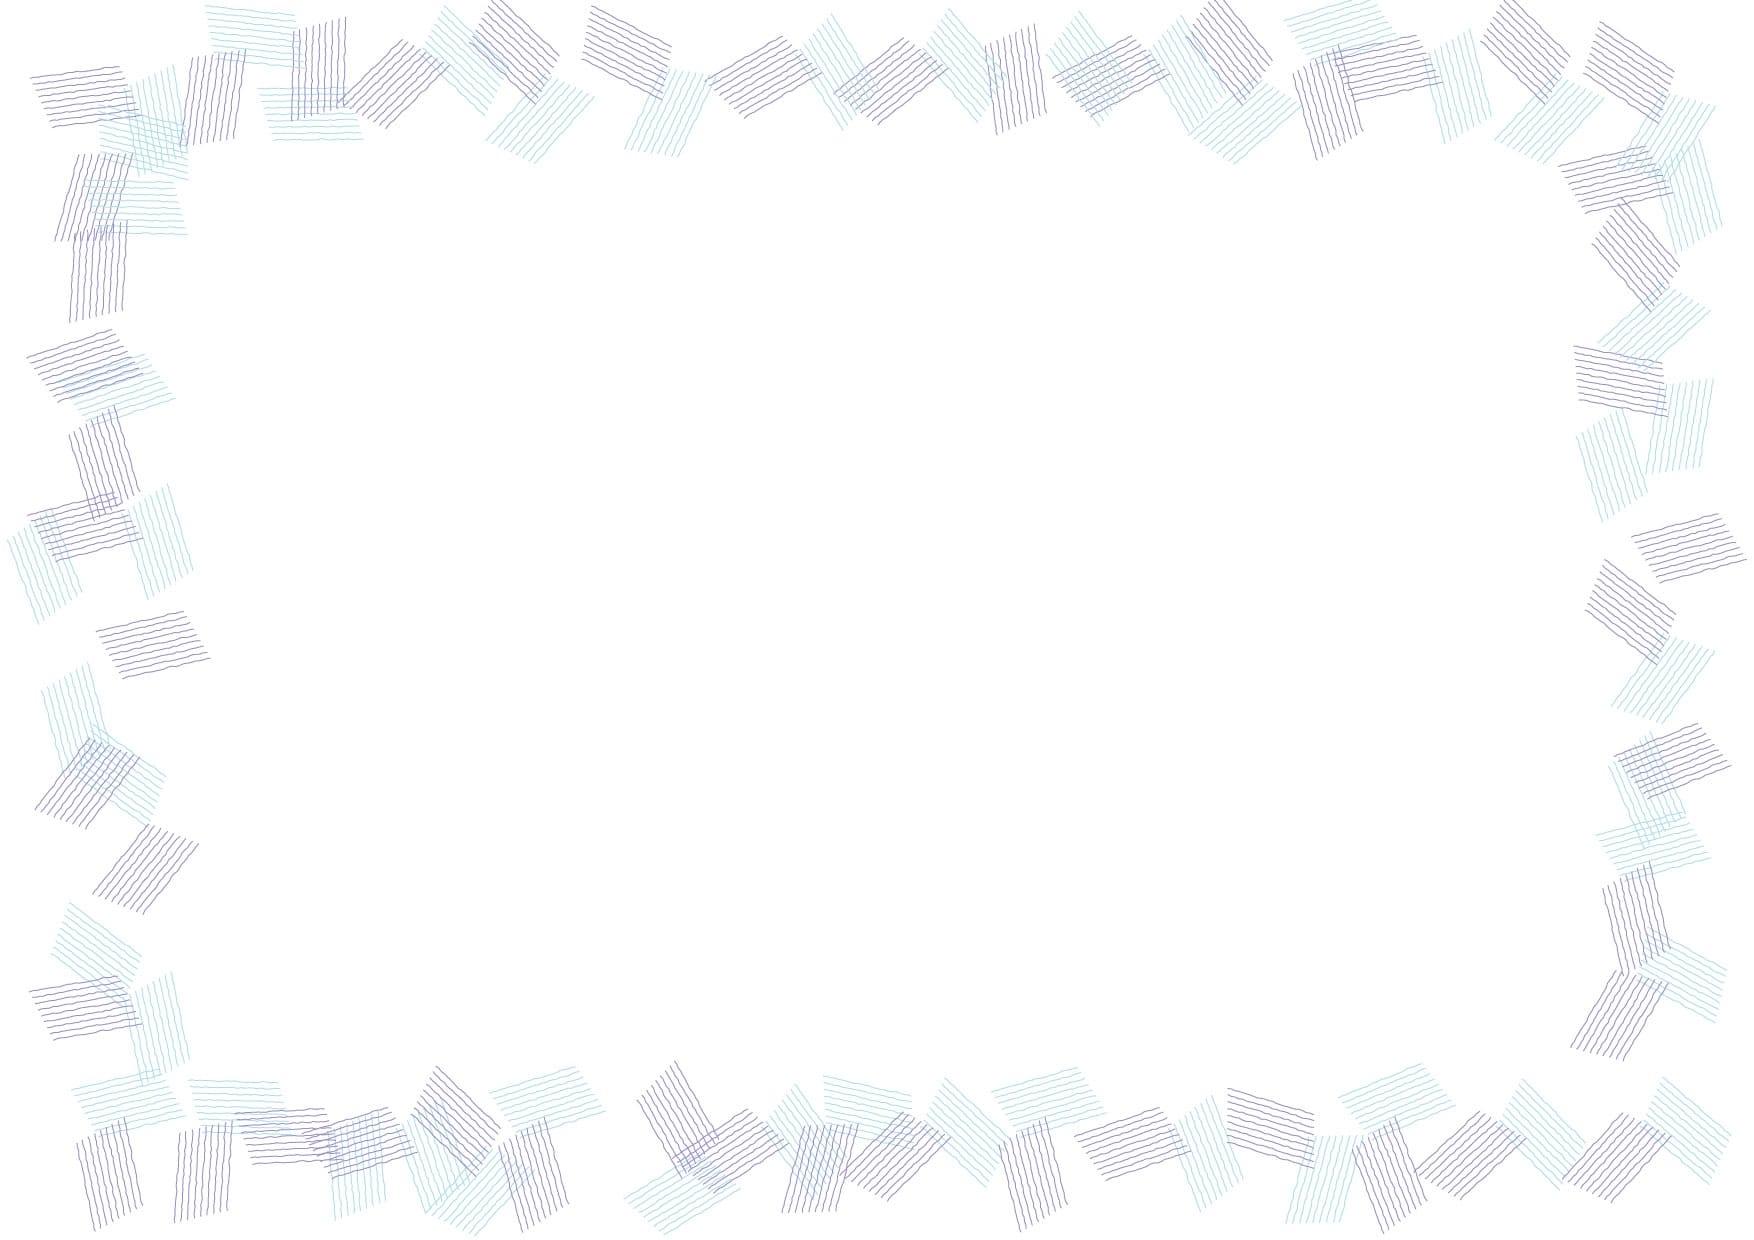 背景 シンプル フレーム 青紫色 イラスト 無料